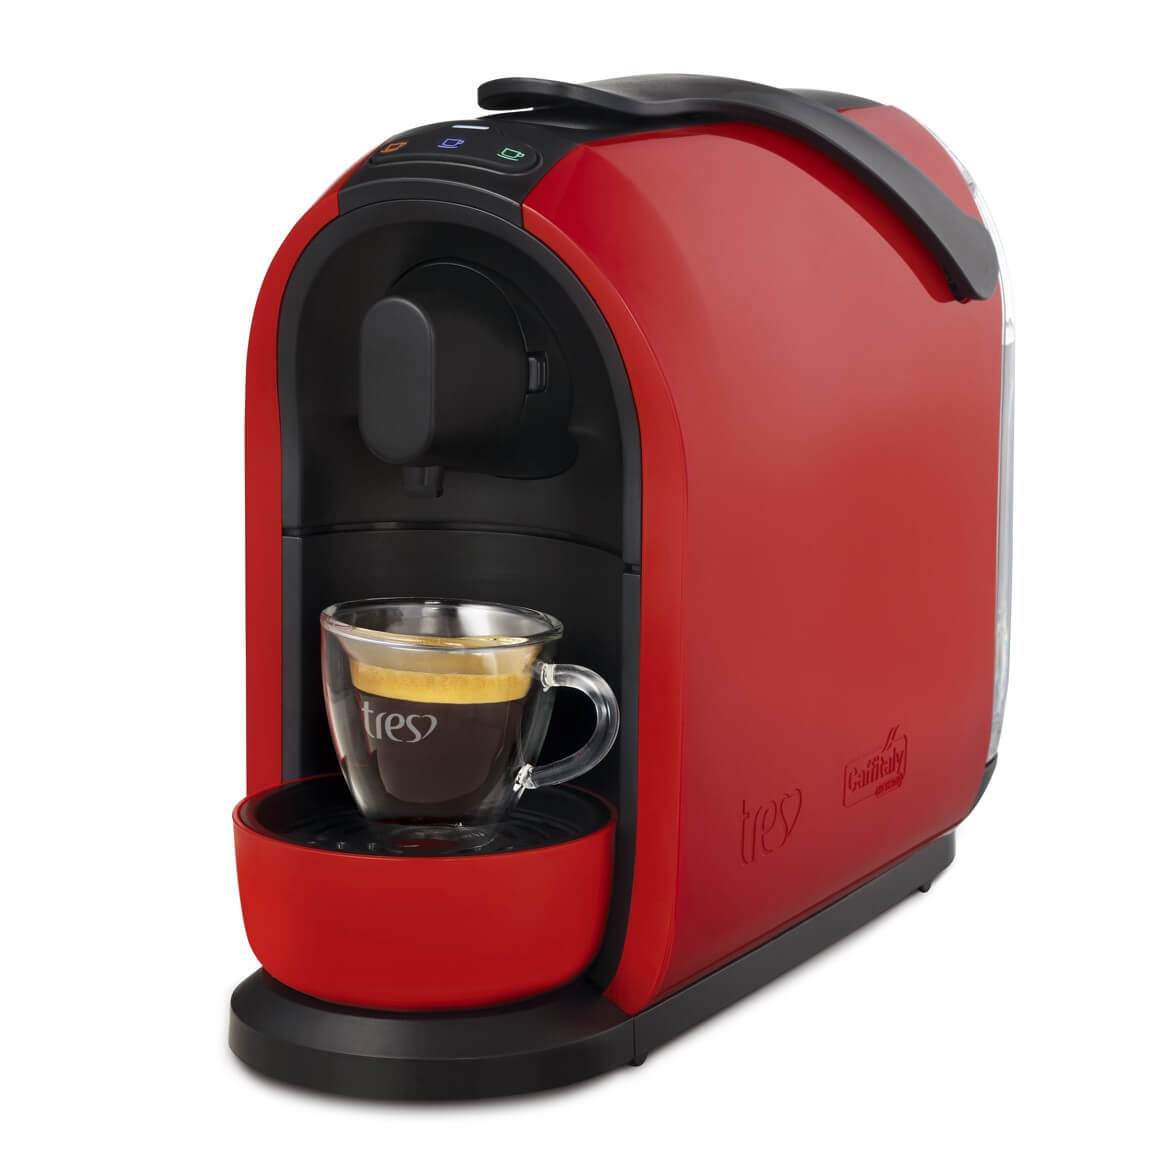 2174 0 - Confira as cafeteiras e eletrodomésticos mais buscados em abril no Zoom